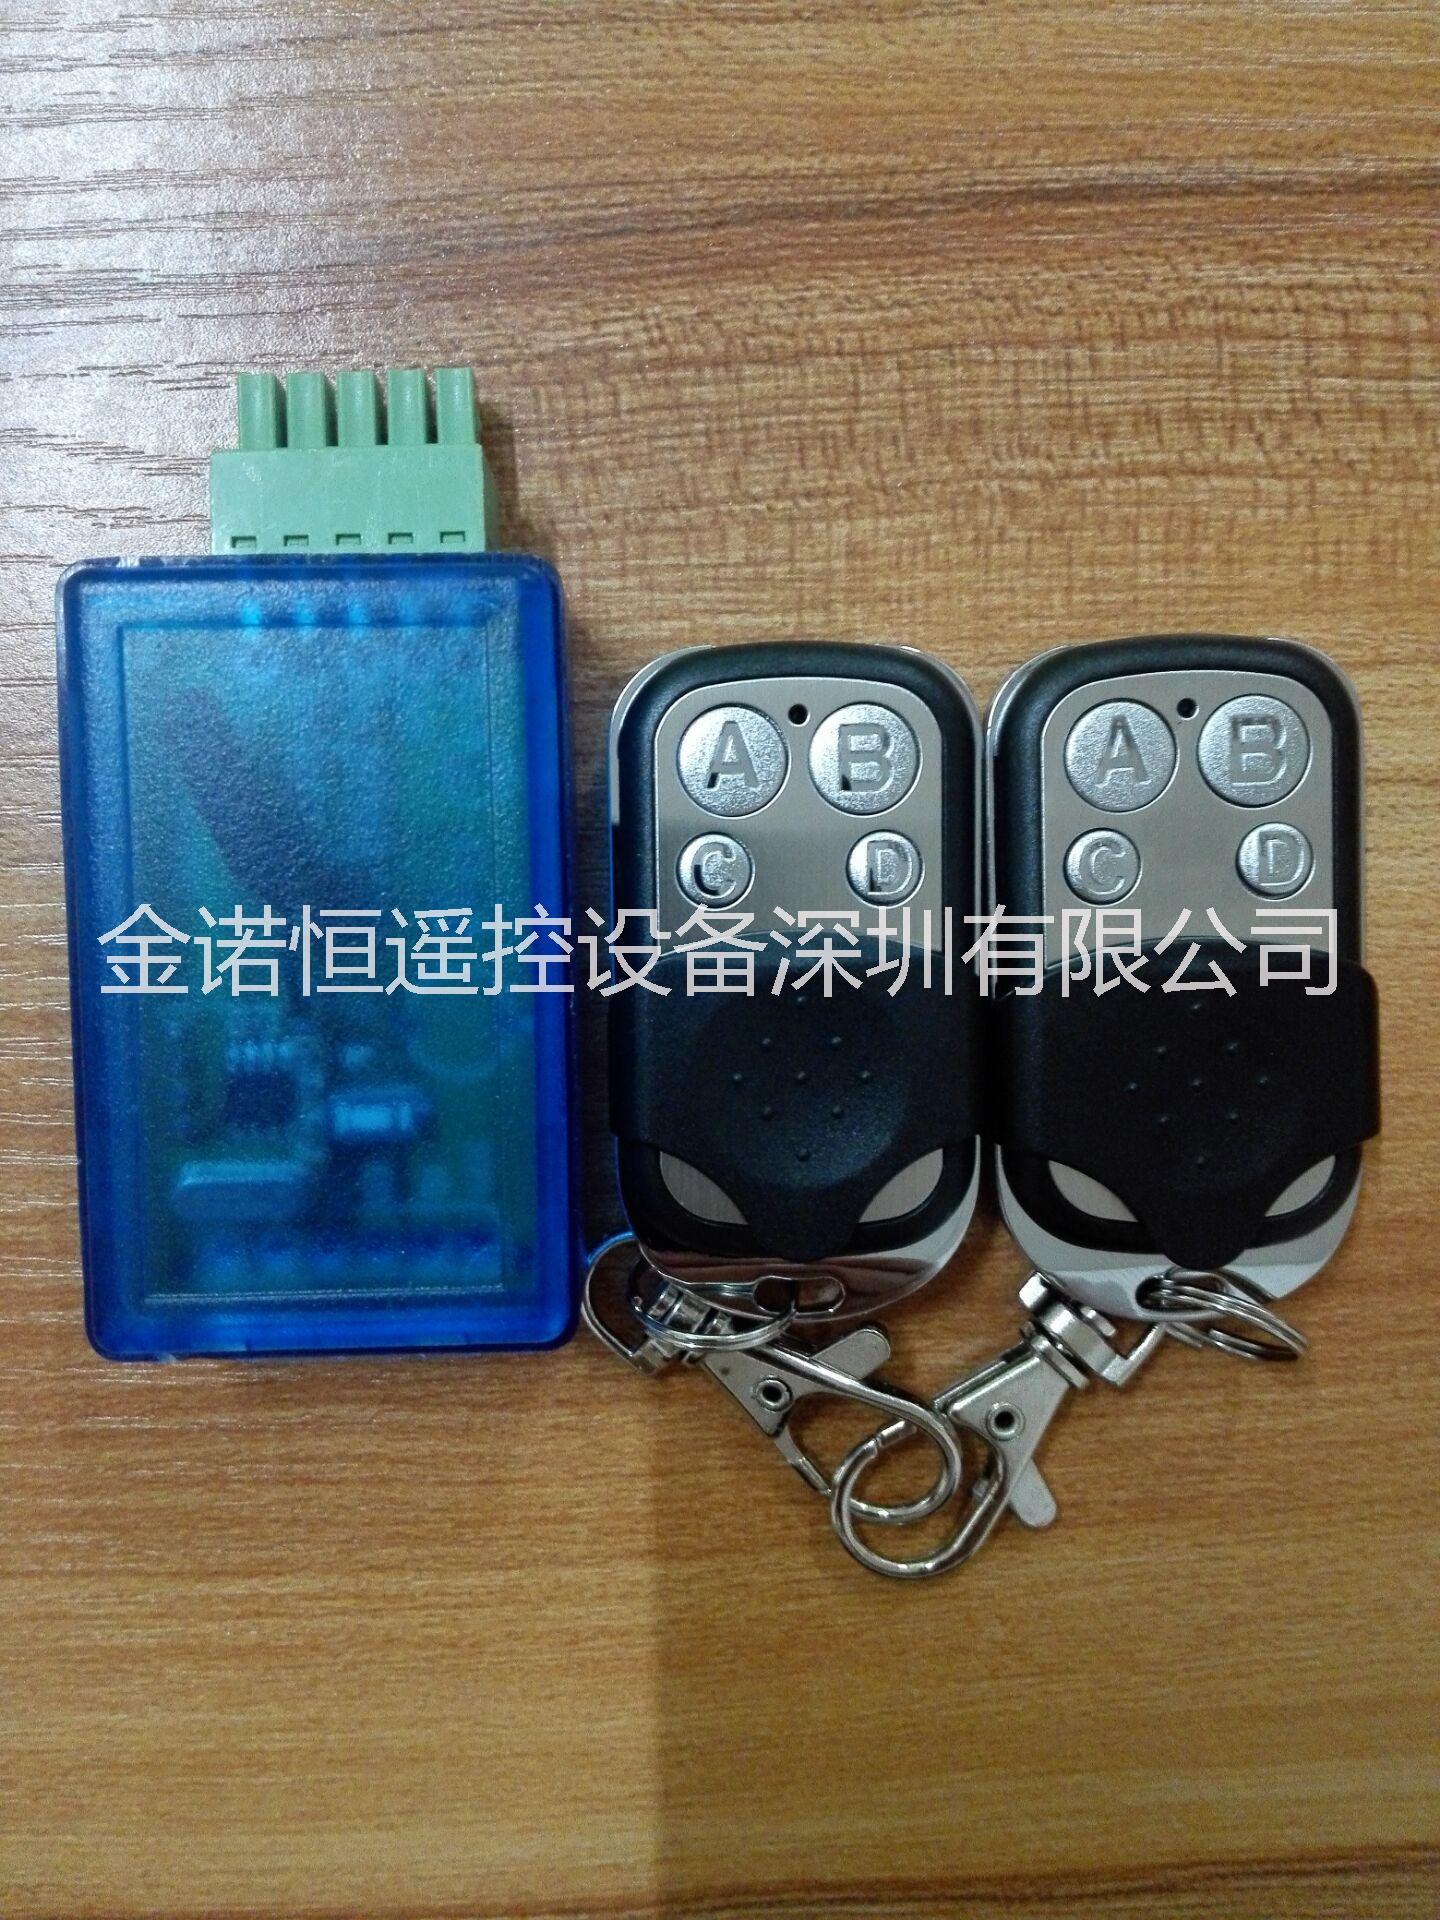 感应门遥控器图片/感应门遥控器样板图 (4)